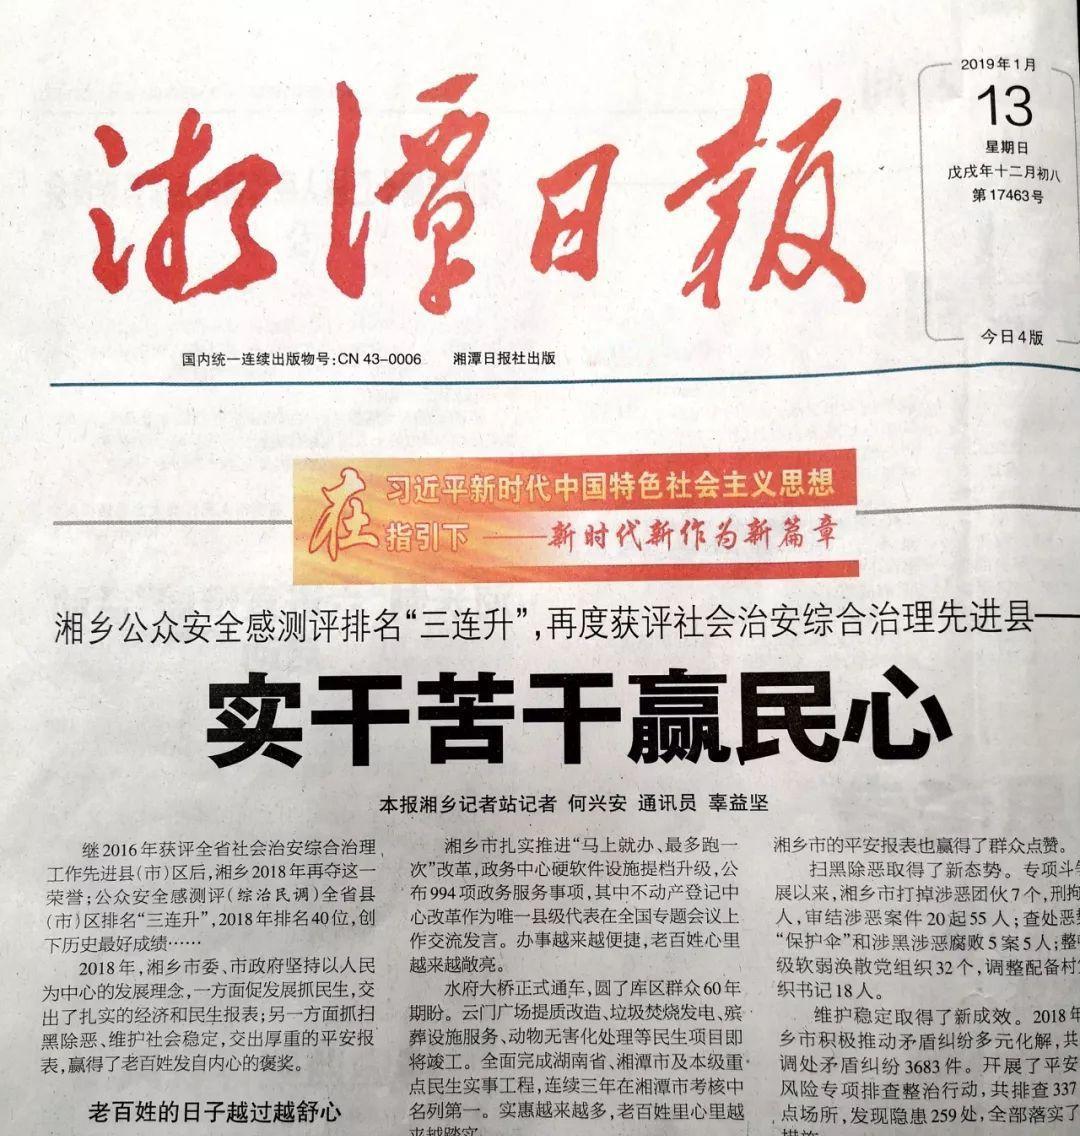 湘潭日报社登报电话